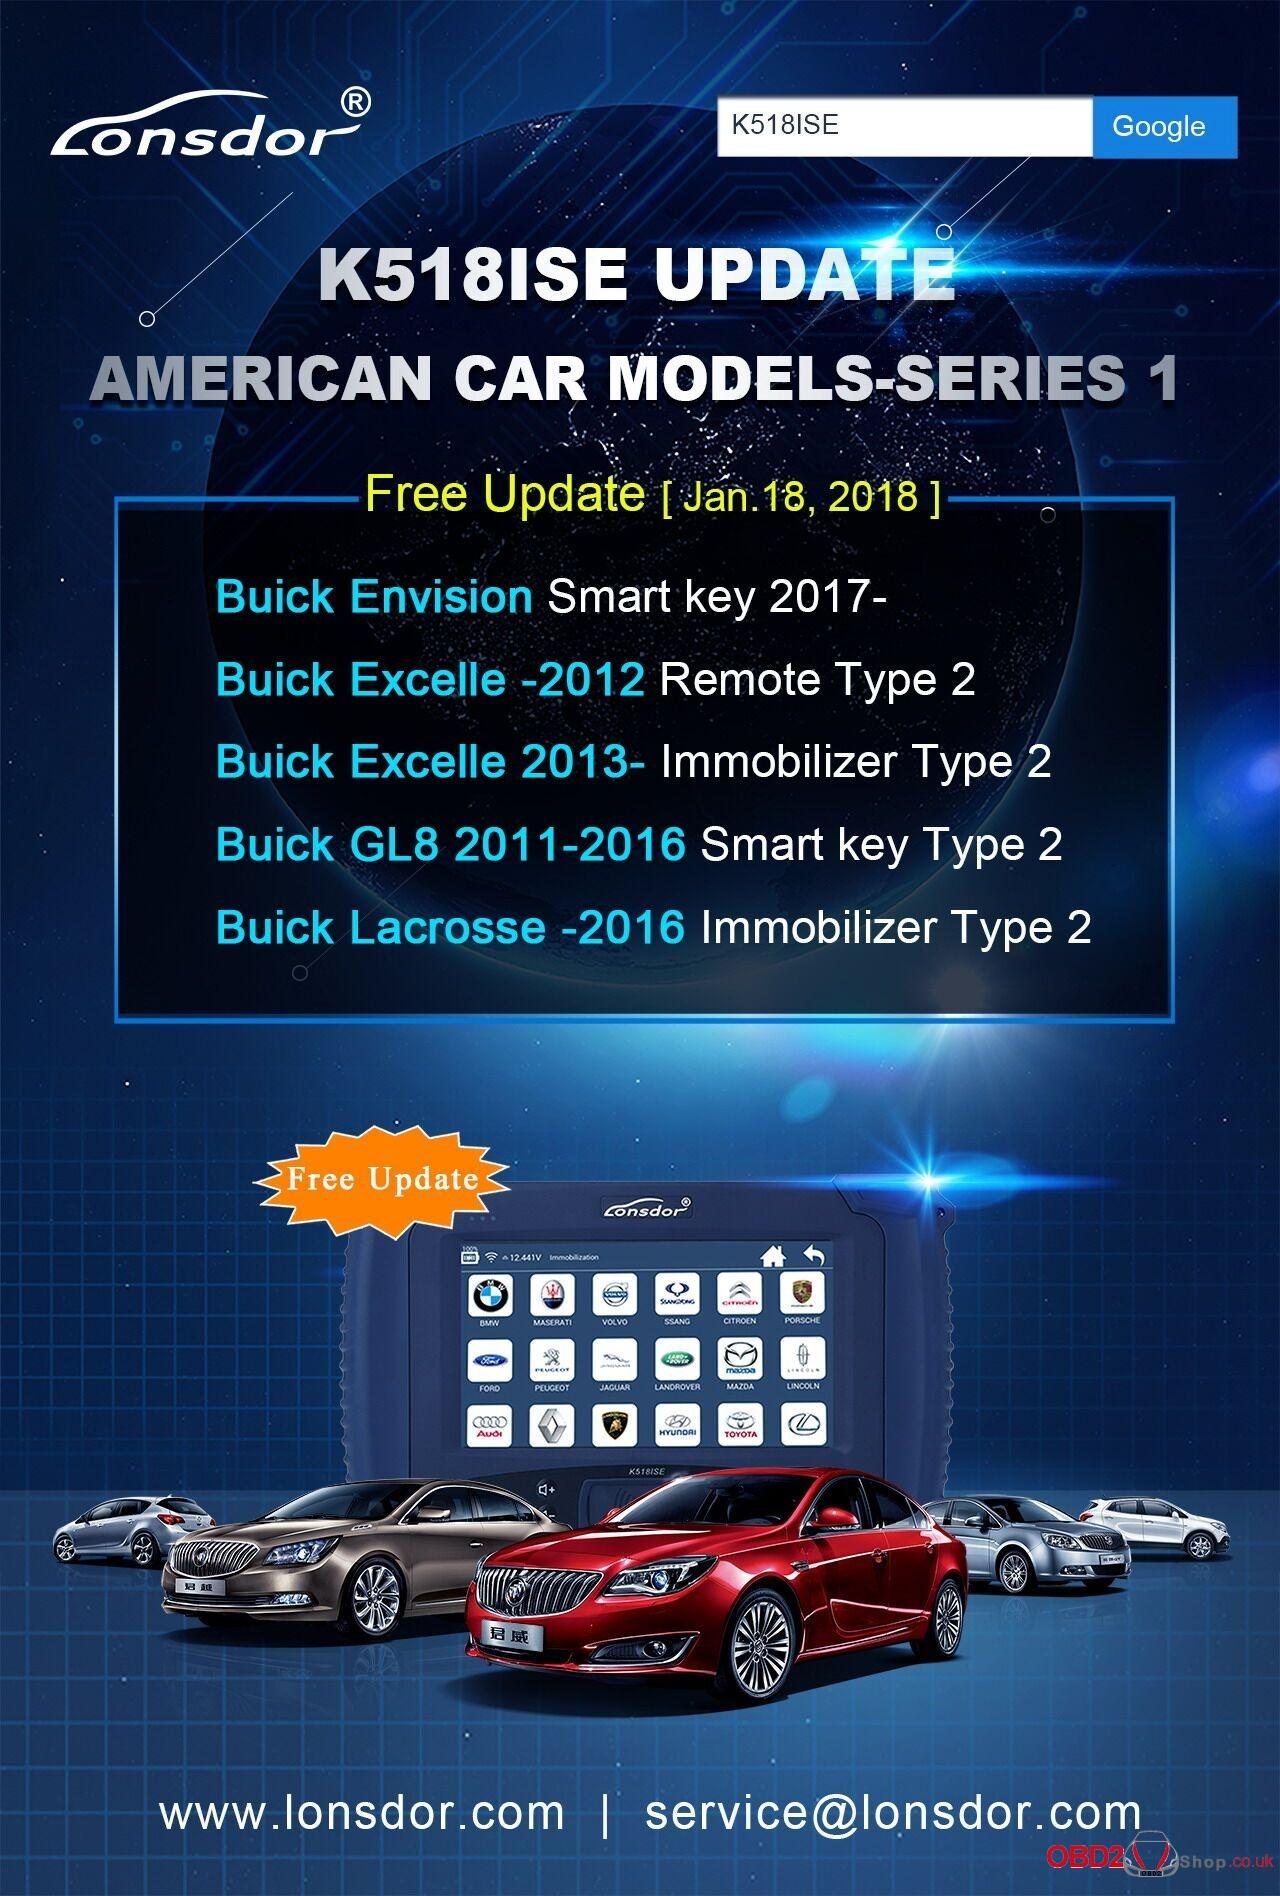 K518ISE Update Americancar models-Series 1